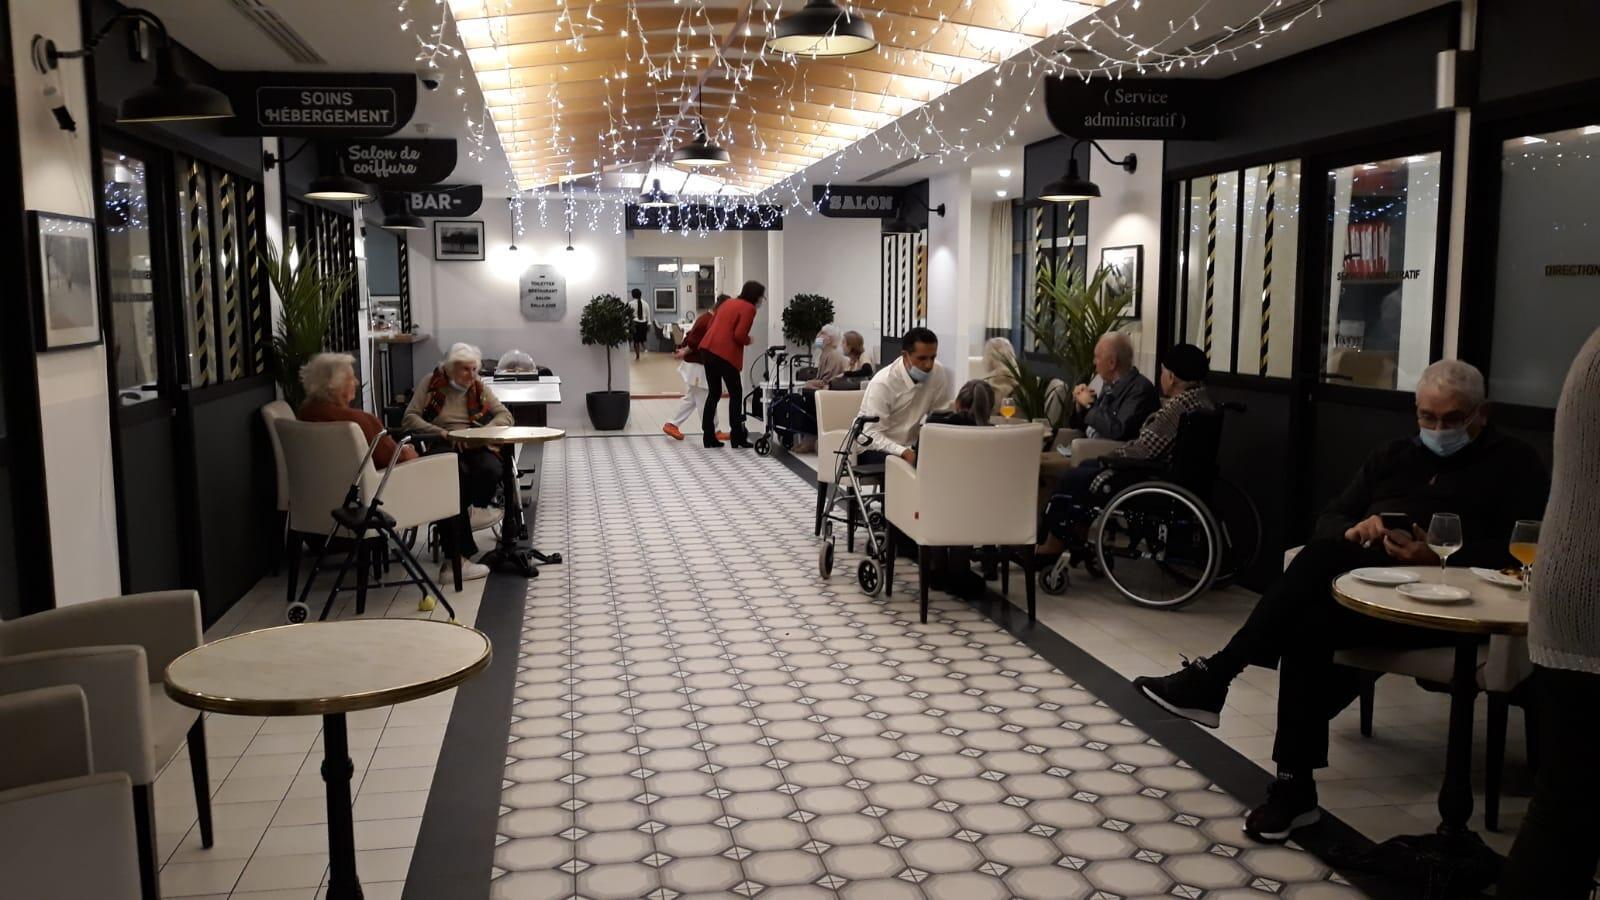 Une salle commune où se rassemblent des résidents de l'Ehpad Korian, dans le 17e arrondissement de Paris, le 21 janvier 2021.